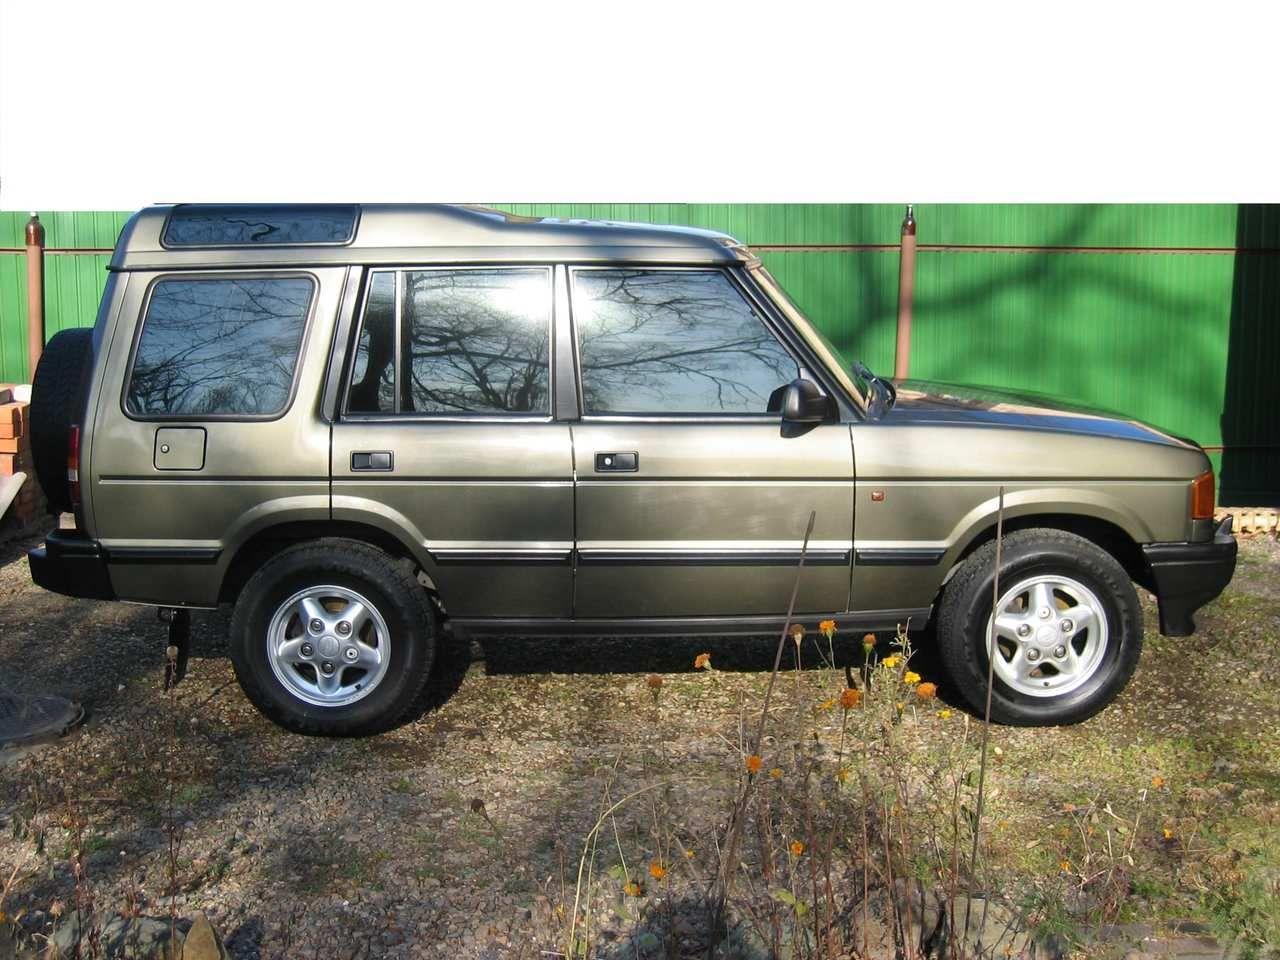 1997 Land Rover Discovery Photos Land Rover Discovery Land Rover Discovery 1 Land Rover Discovery 2